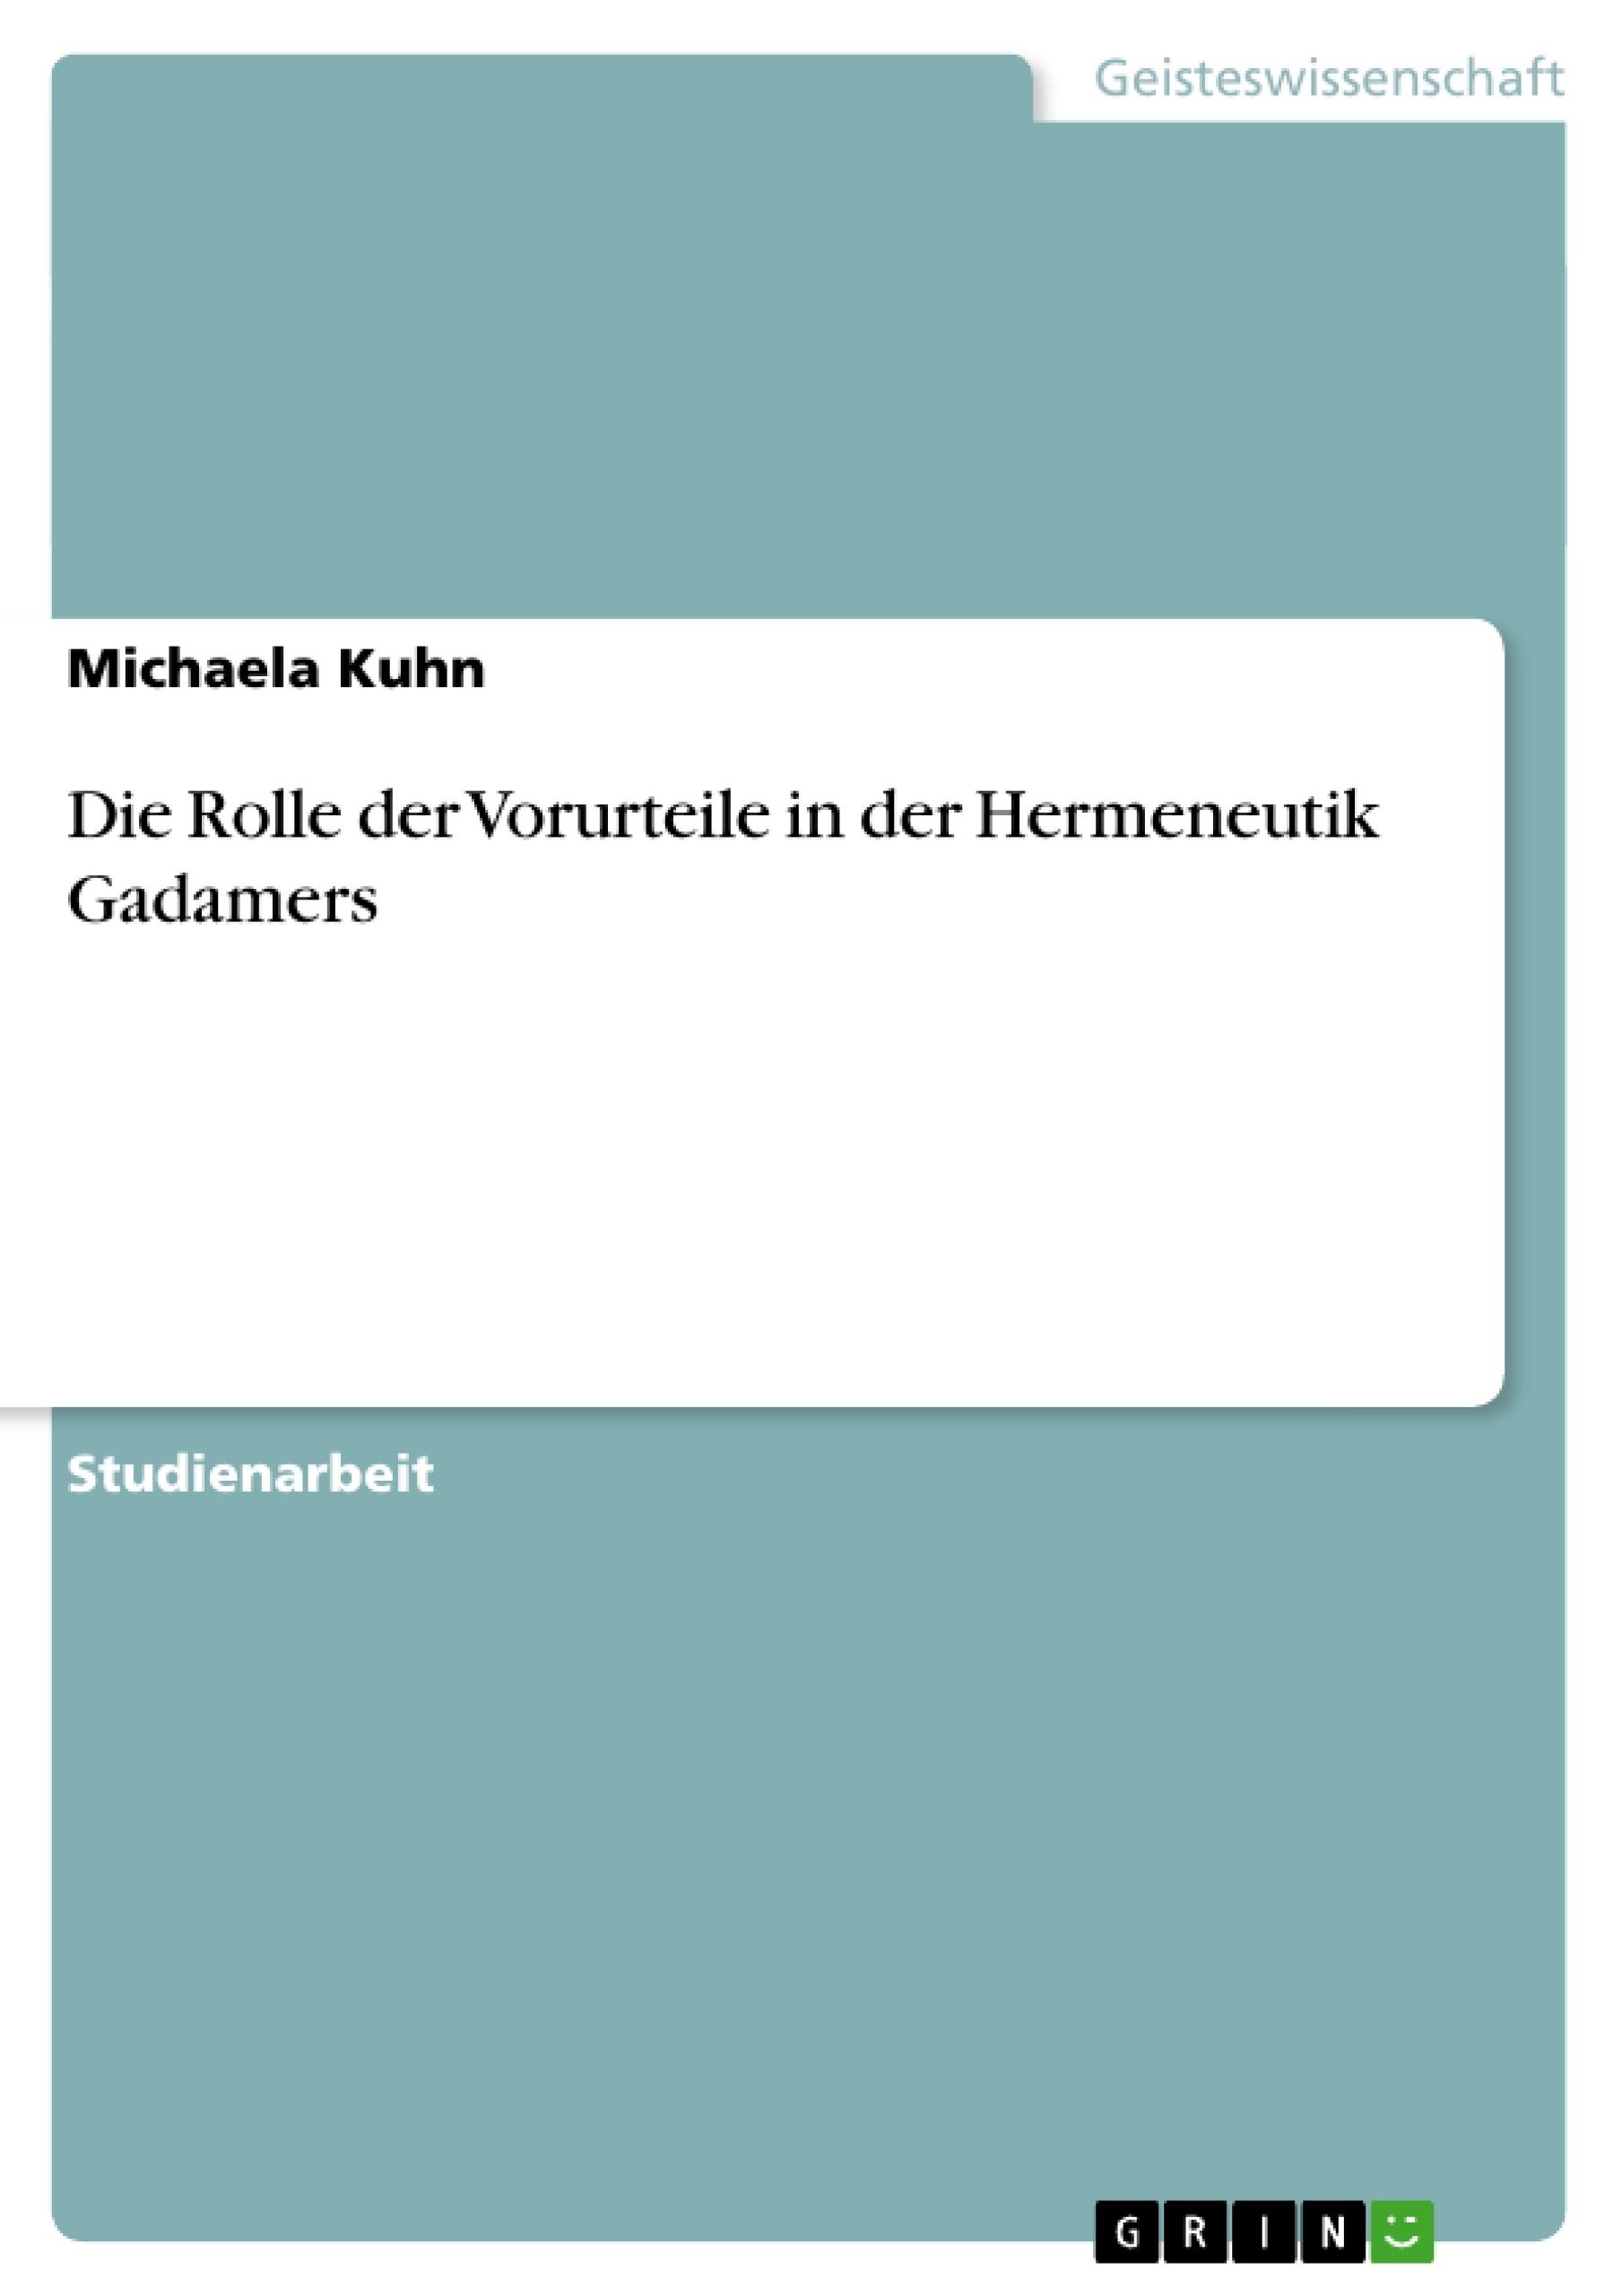 Titel: Die Rolle der Vorurteile in der Hermeneutik Gadamers